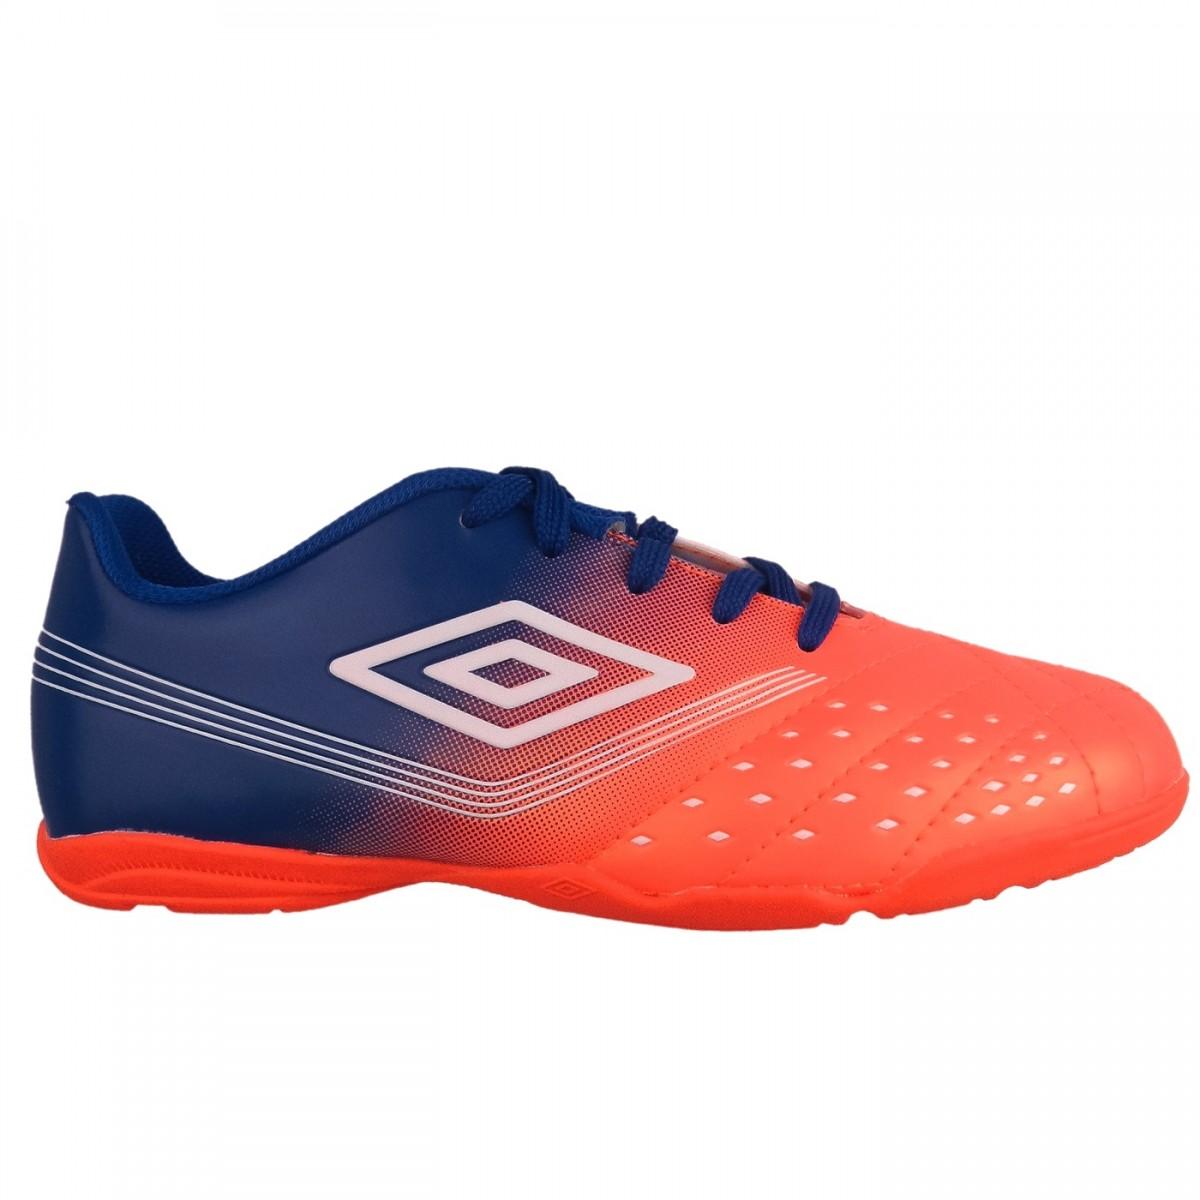 de5b4d82f2 Bizz Store - Chuteira Futsal Infantil Masculina Umbro Indoor